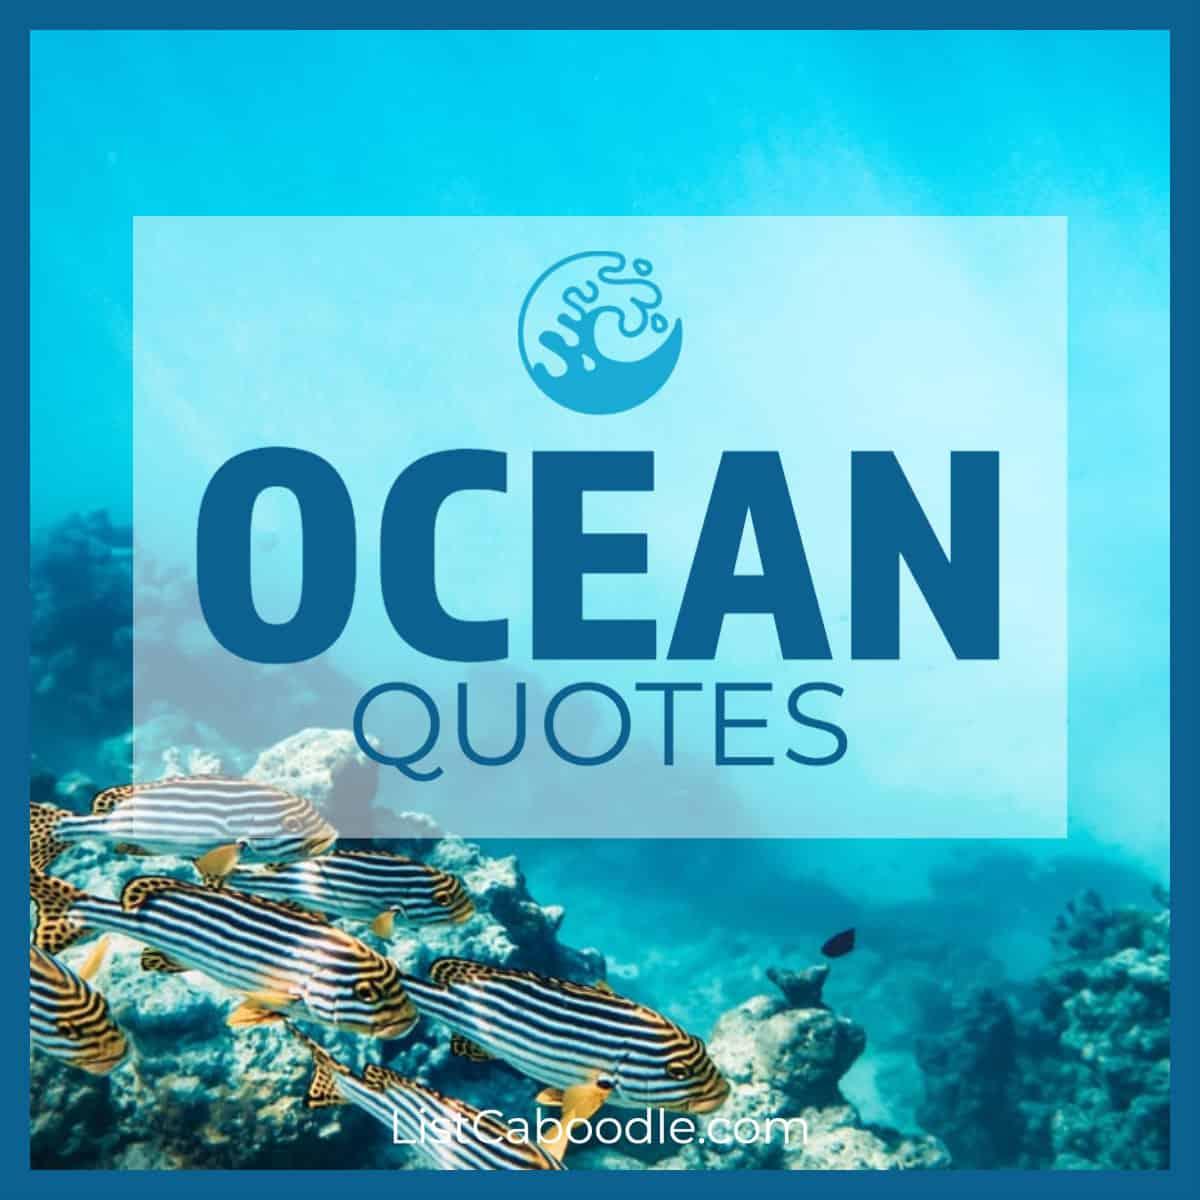 Ocean quotes image